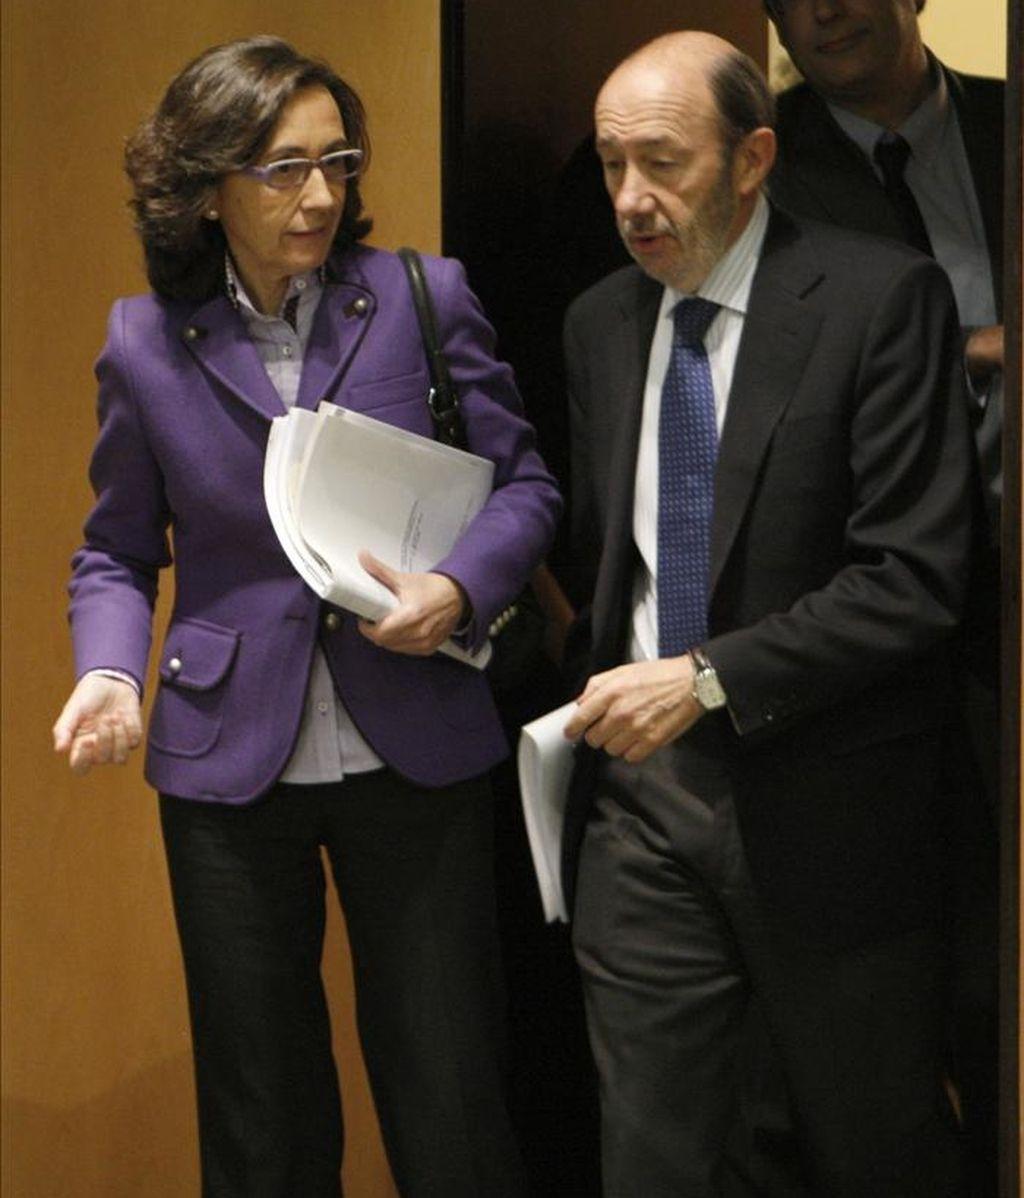 El vicepresidente primero del Gobierno, Alfredo Pérez Rubalcaba, y la ministra de Medio Ambiente y Medio Rural y Marino, Rosa Aguilar, hoy antes de una rueda de prensa en Madrid. EFE